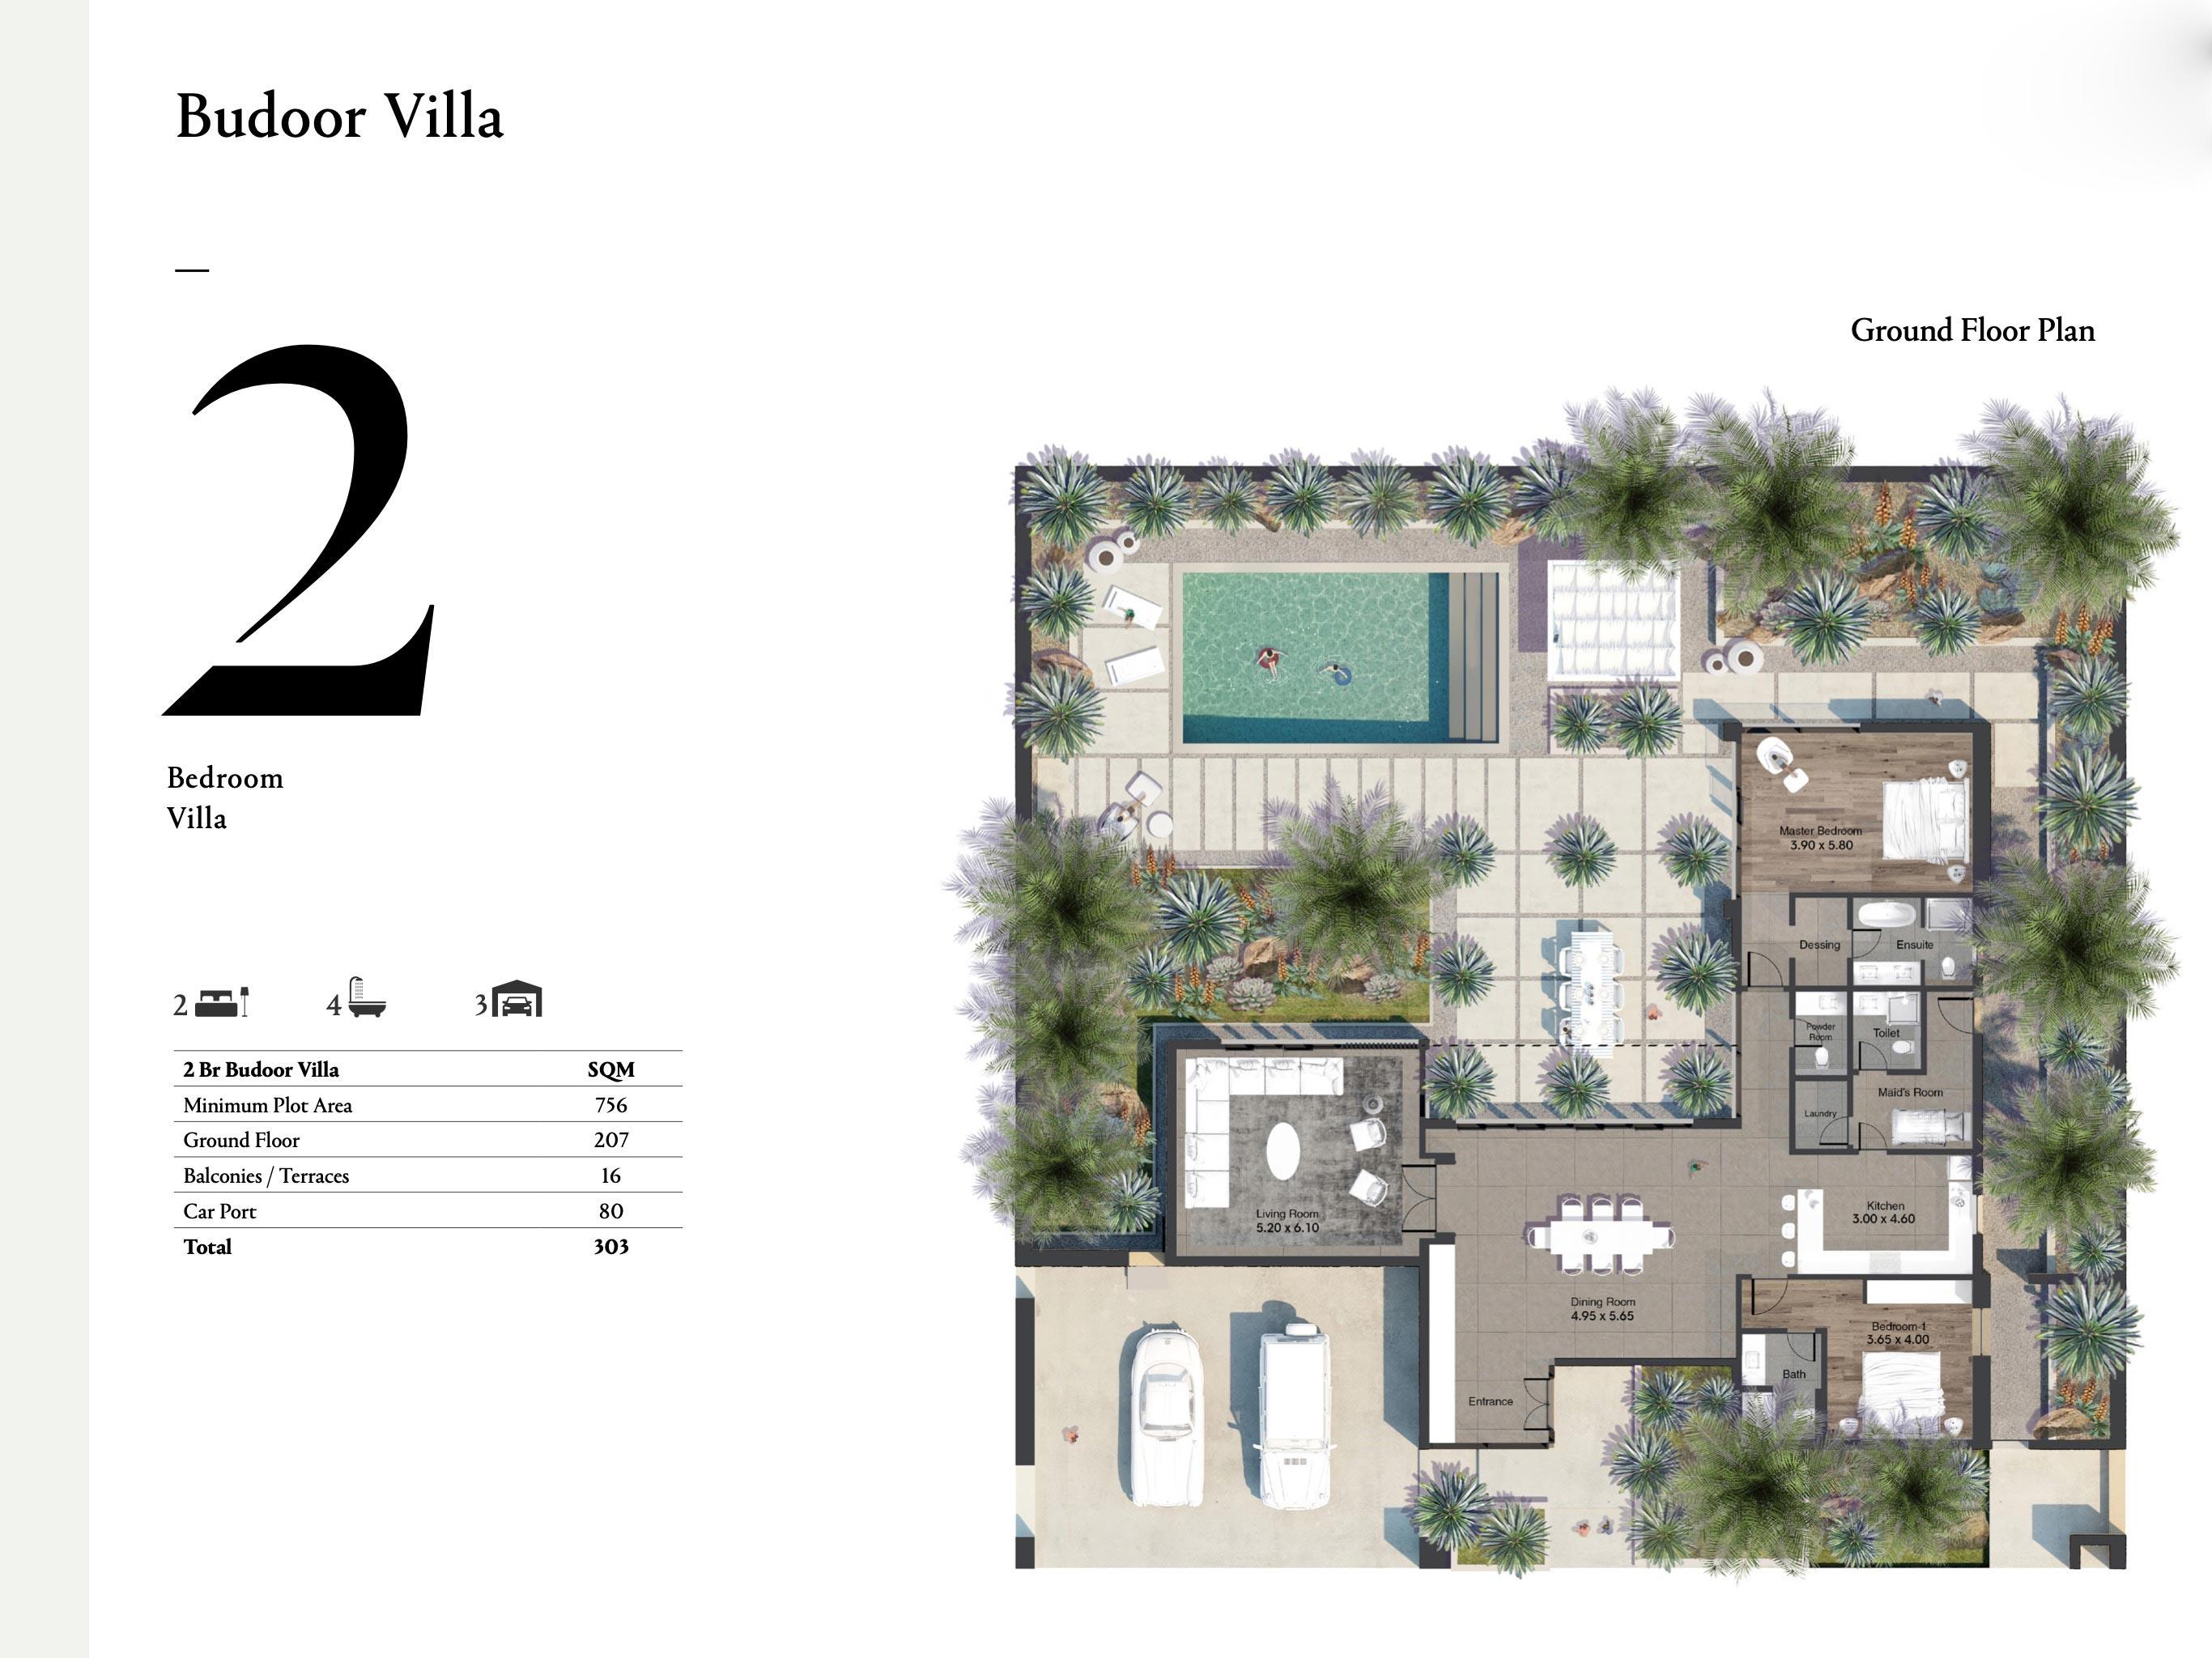 فلل بغرفتي نوم بمساحة 303 متر مربع